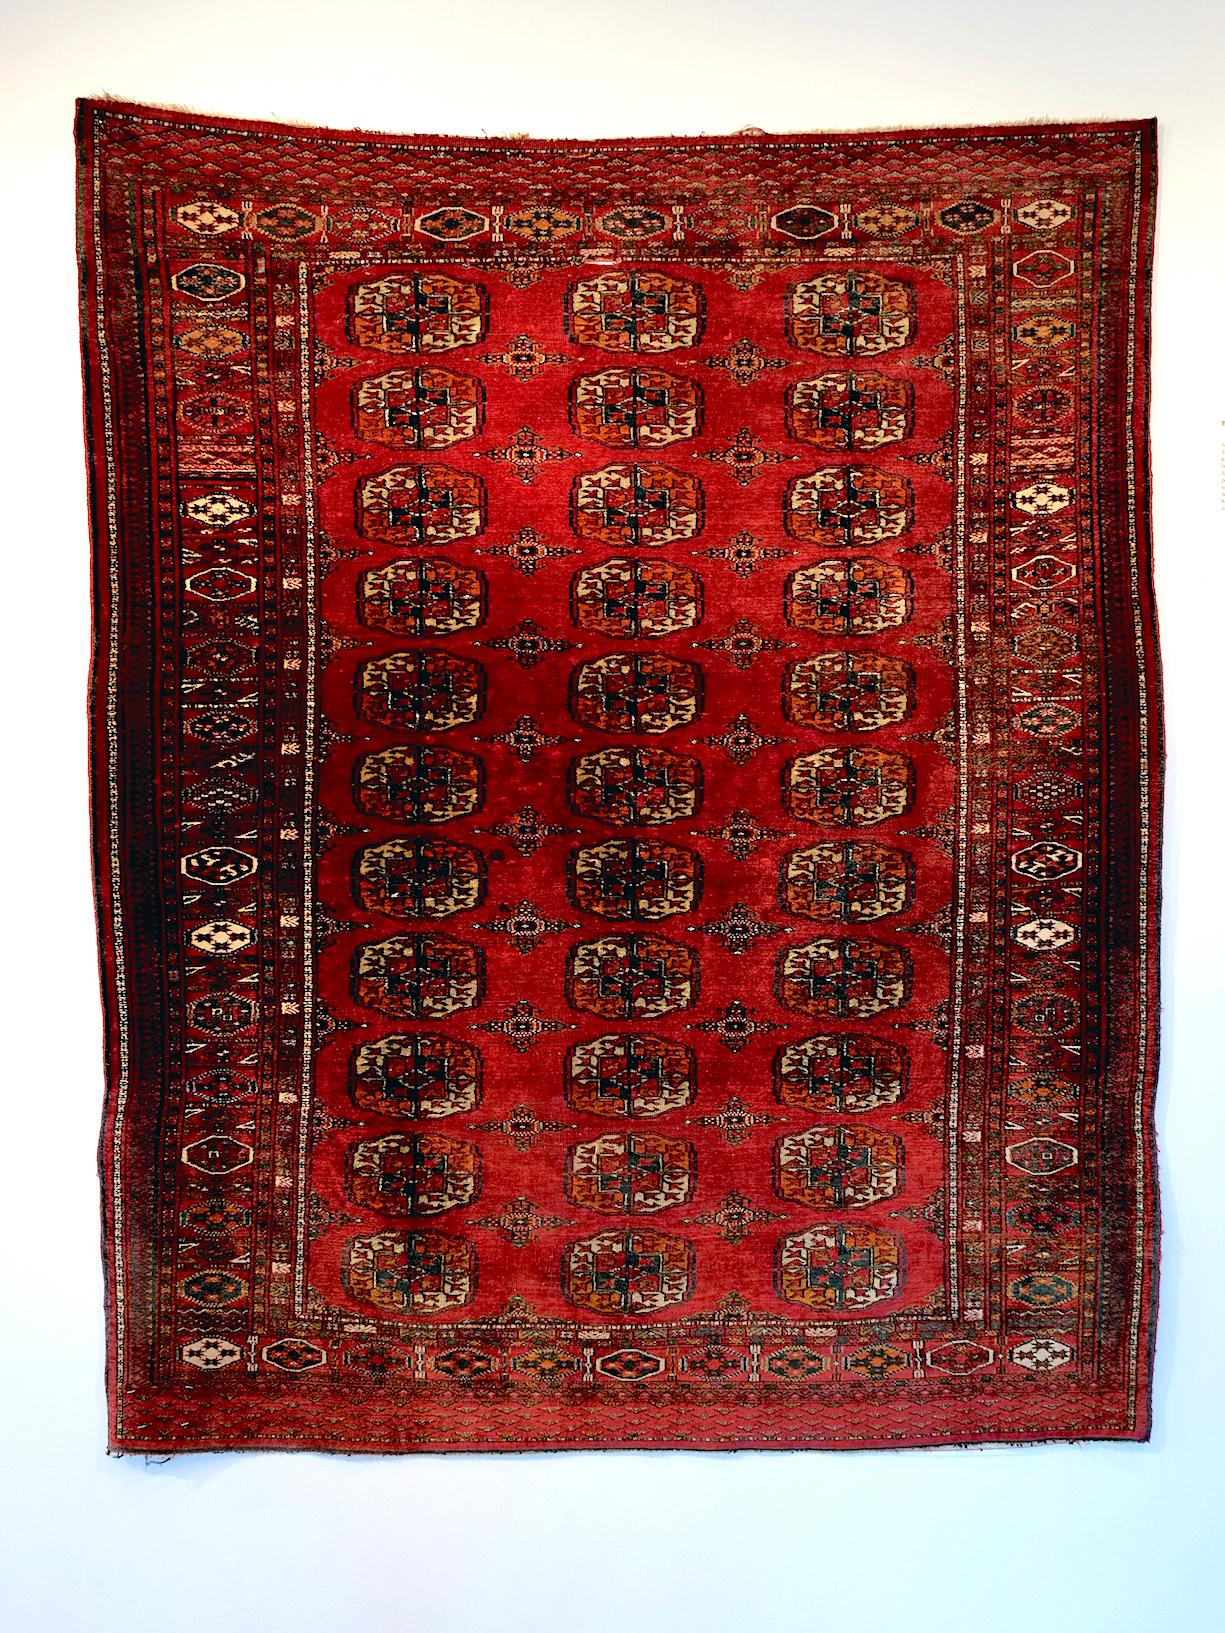 Et lite såkalt brudeteppe i silke laget av Tekke-stammen, en av de mange turkmenske stammene som er kjent for sin ypperlige teppekunts